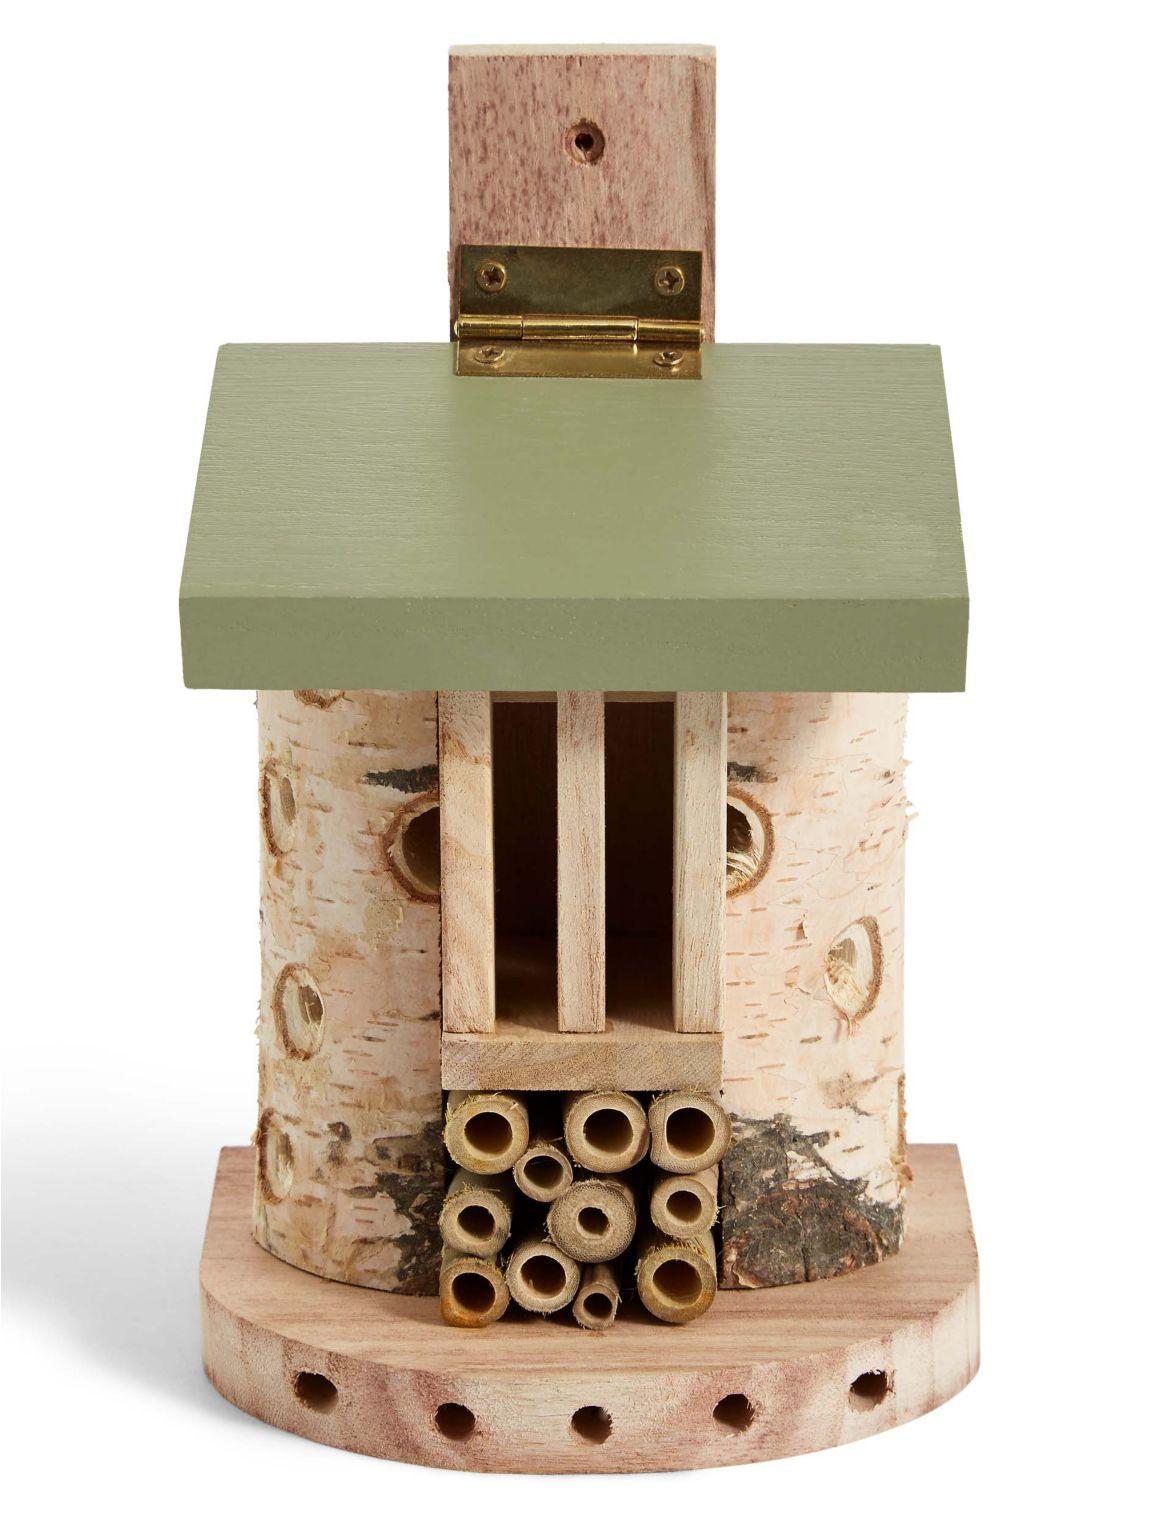 Maison ? insectes. DimensionsHauteur:23.8 cm;Largeur:14 cm;Profondeur:12.8 cm